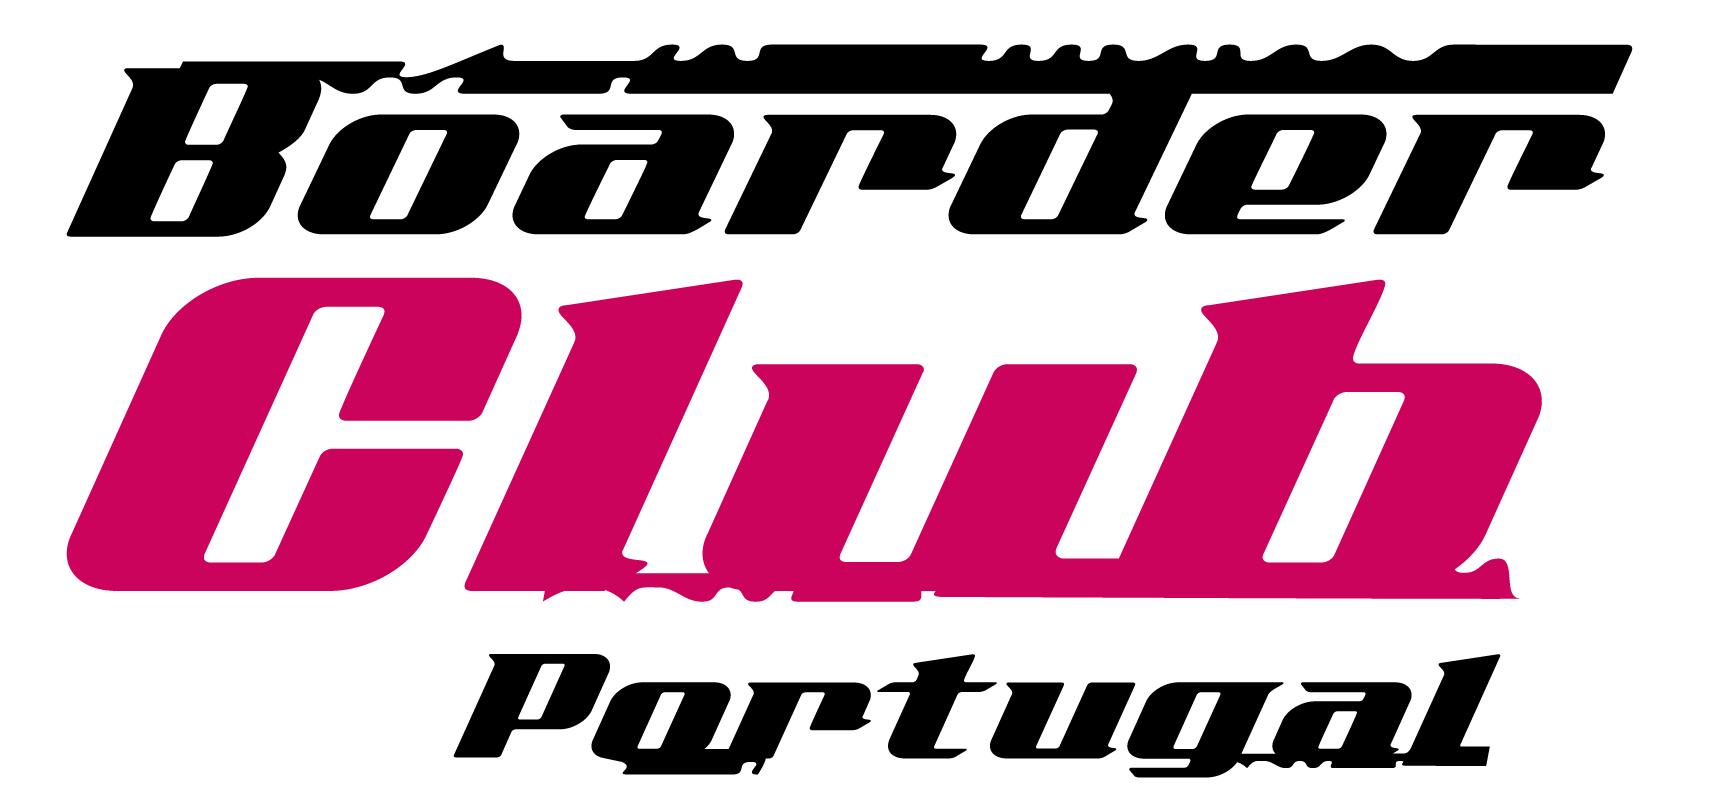 Boarder club Portugal